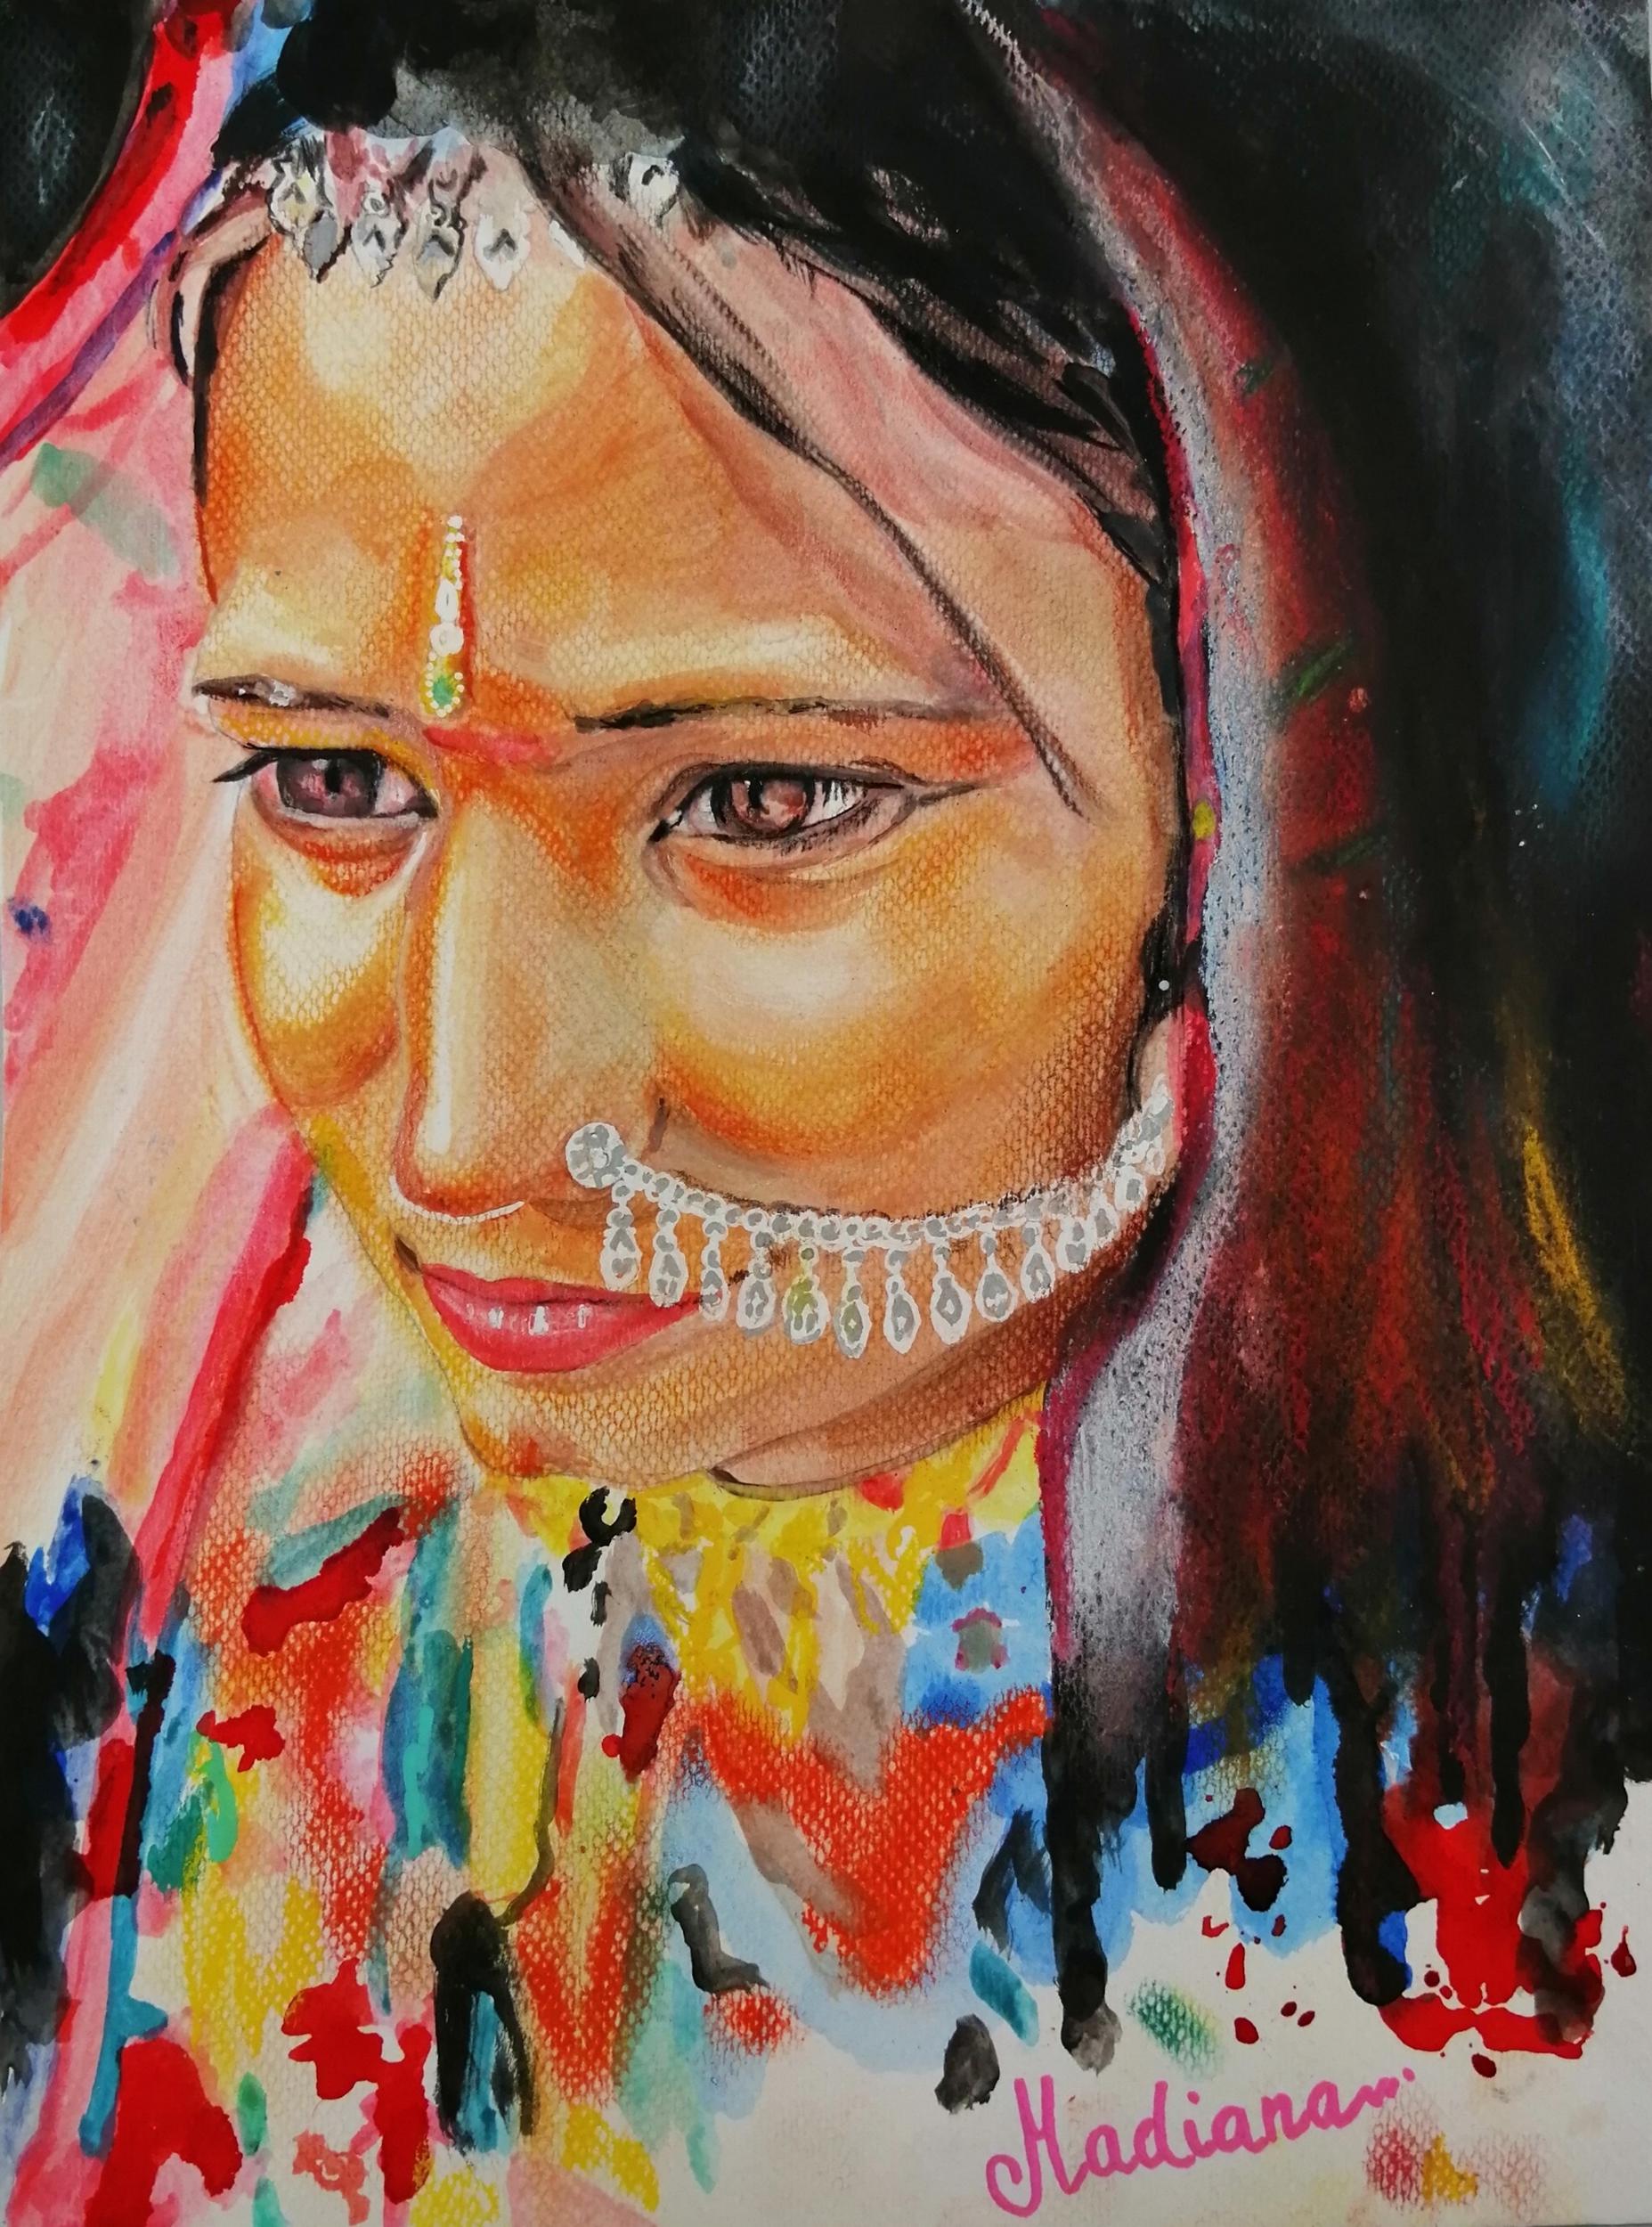 reproduction sur toile artiste indienne multicolore fusain pastel aquarelle